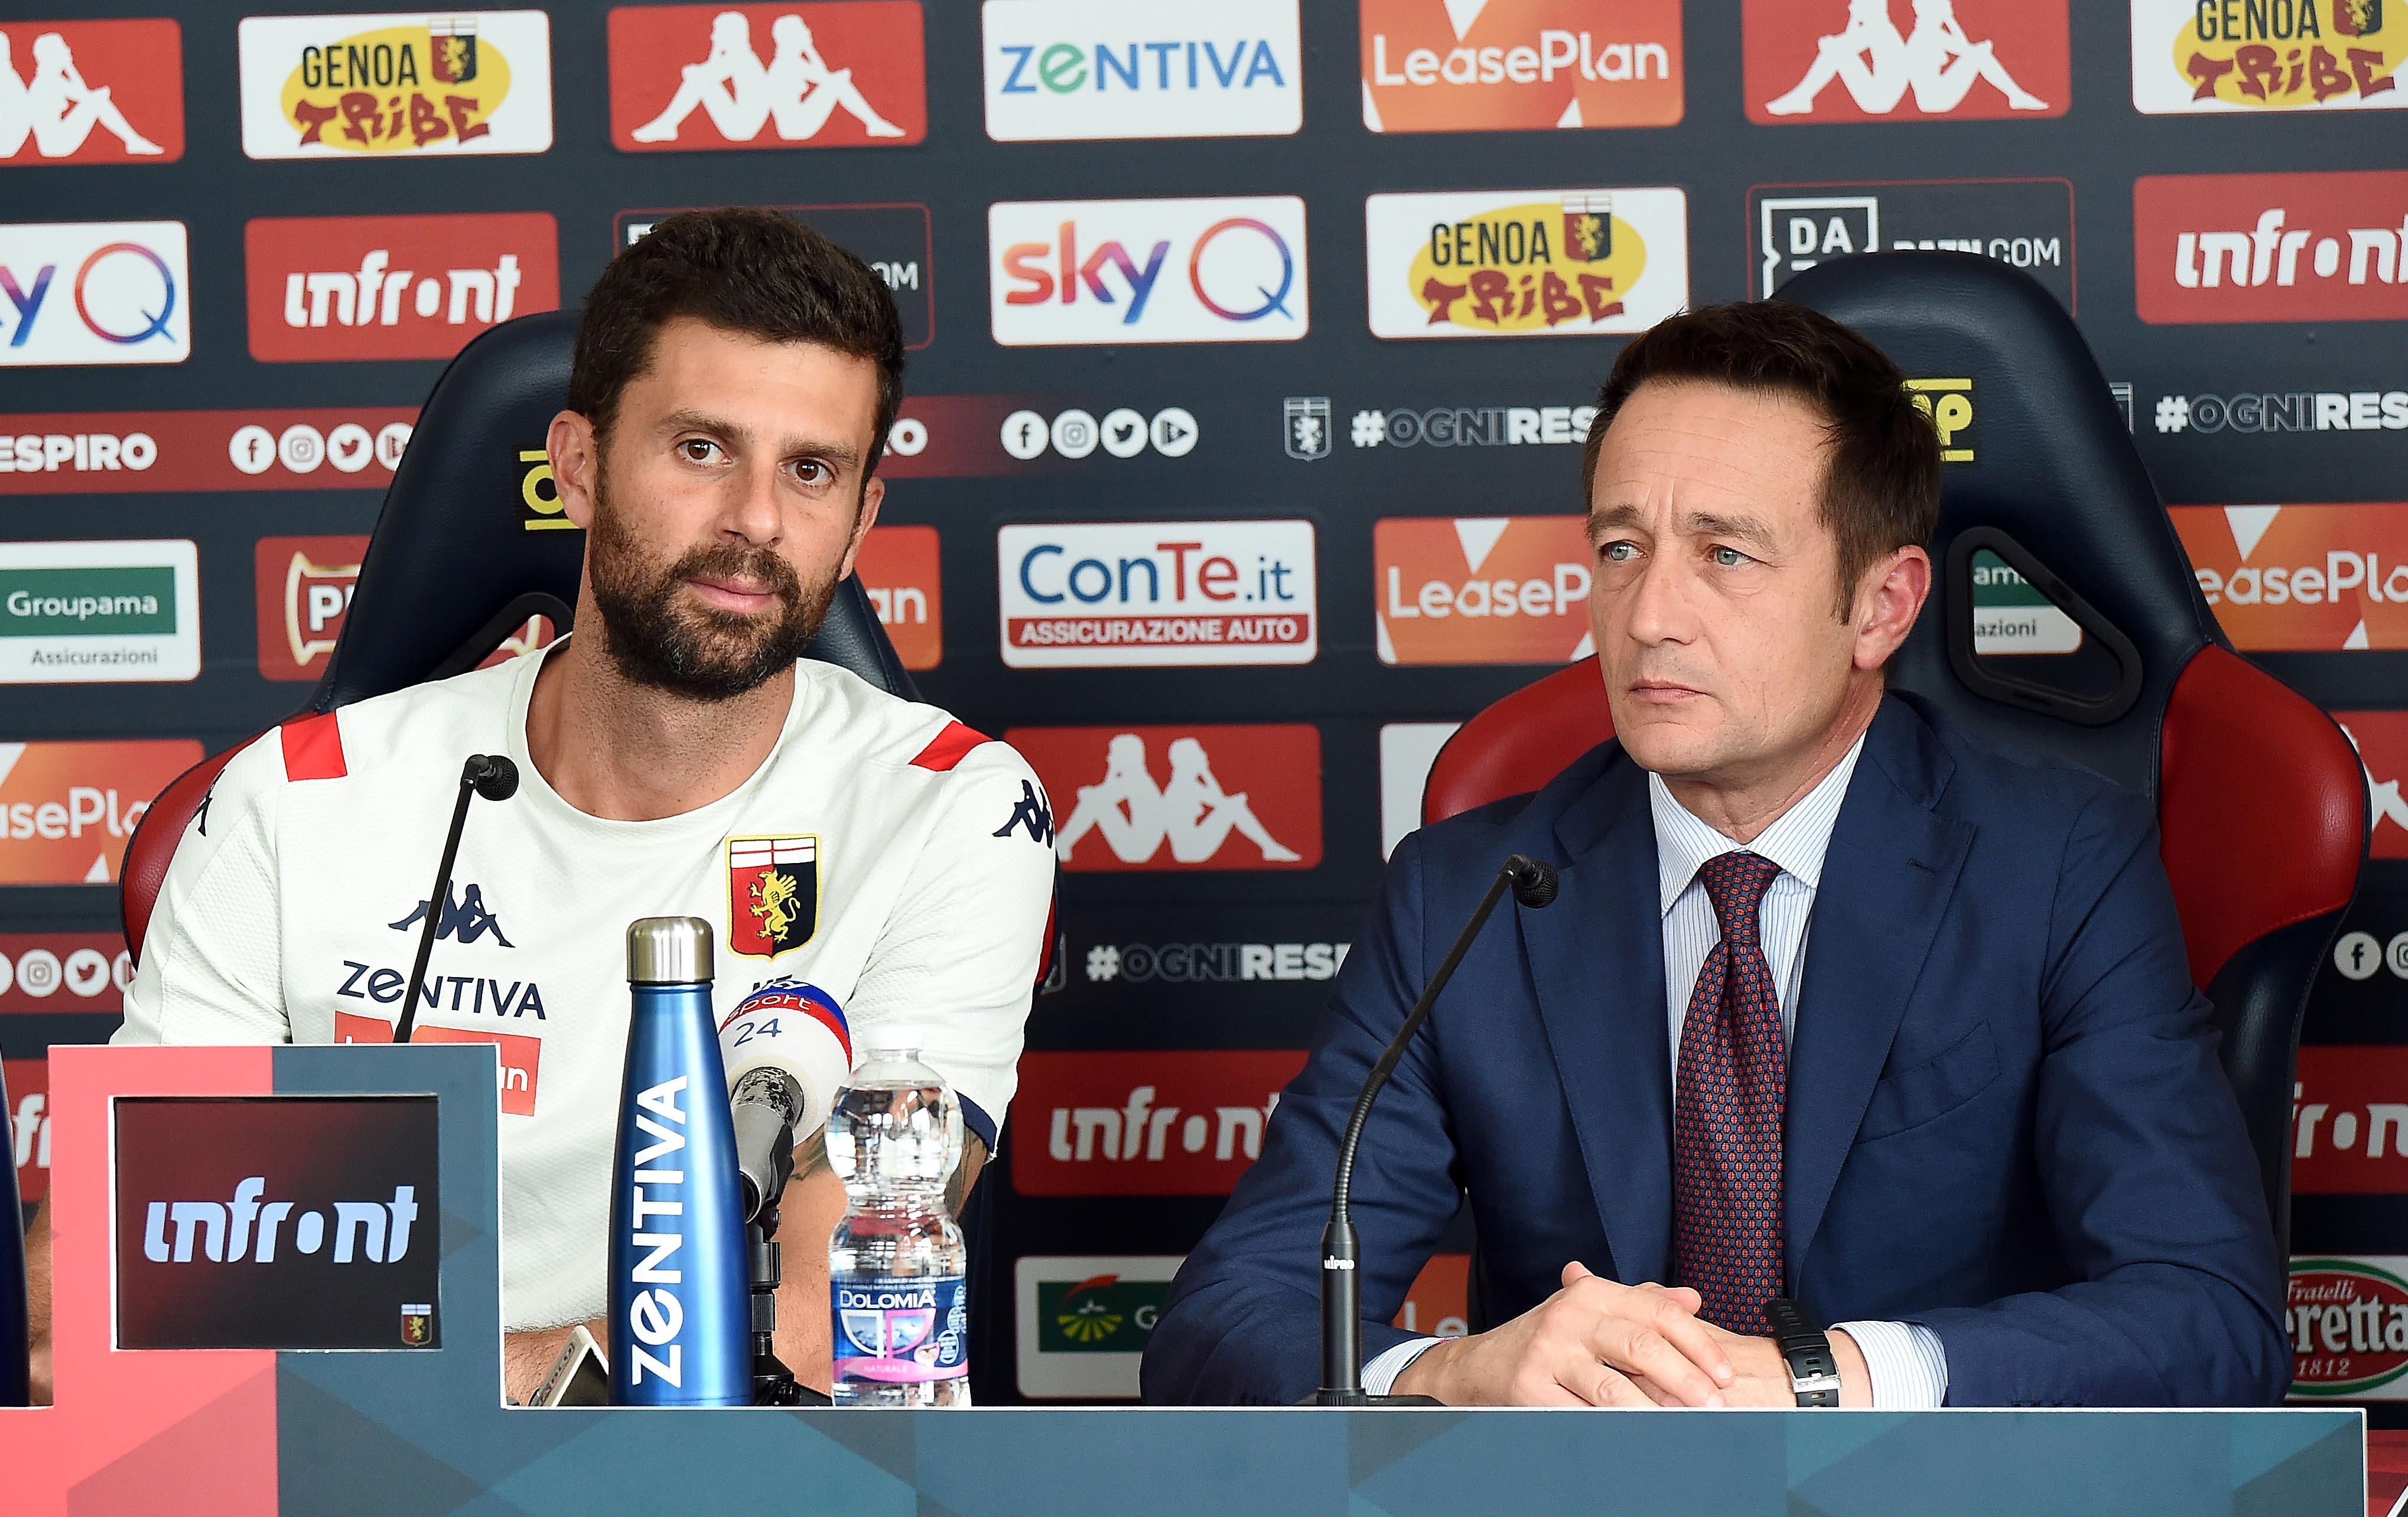 """In casa Genoa è il giorno diThiago Motta, presentato comenuovo allenatore. """"Sono onorato di essere di nuovo al Genoa. Solo lav..."""